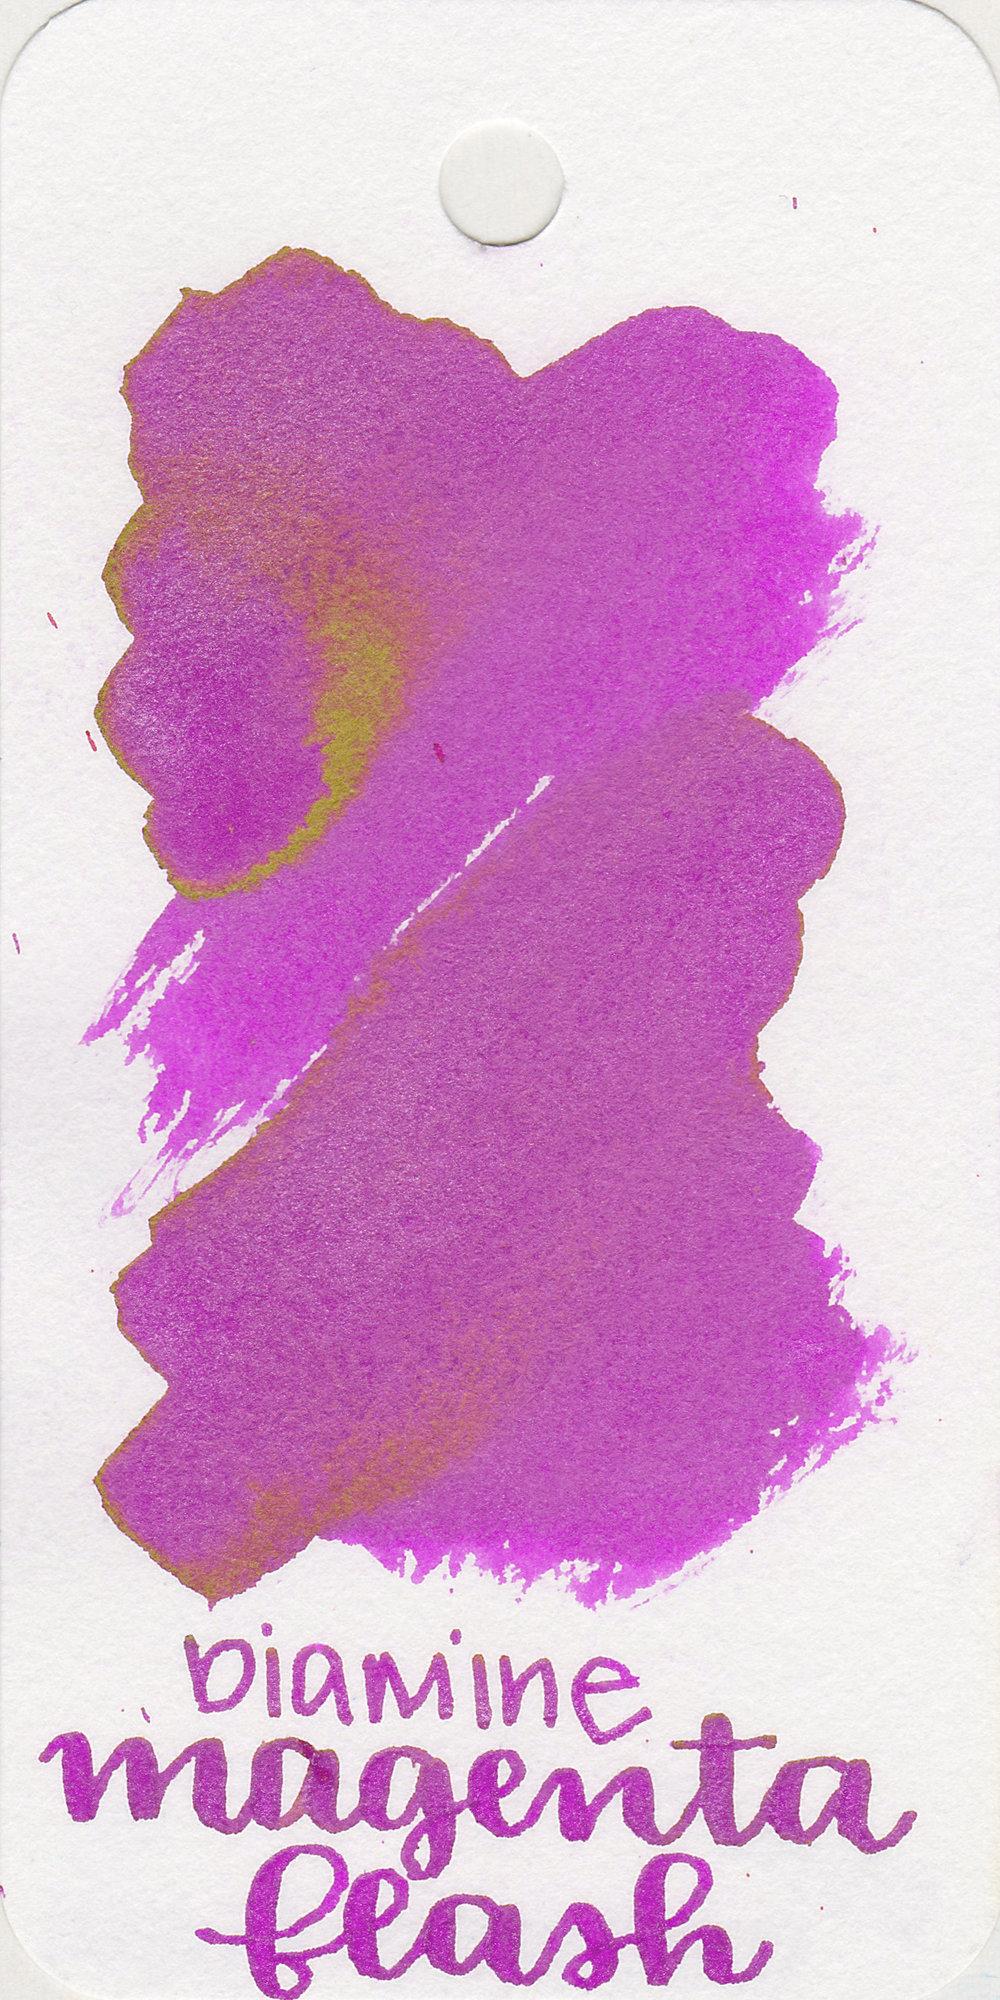 d-magenta-flash-1.jpg